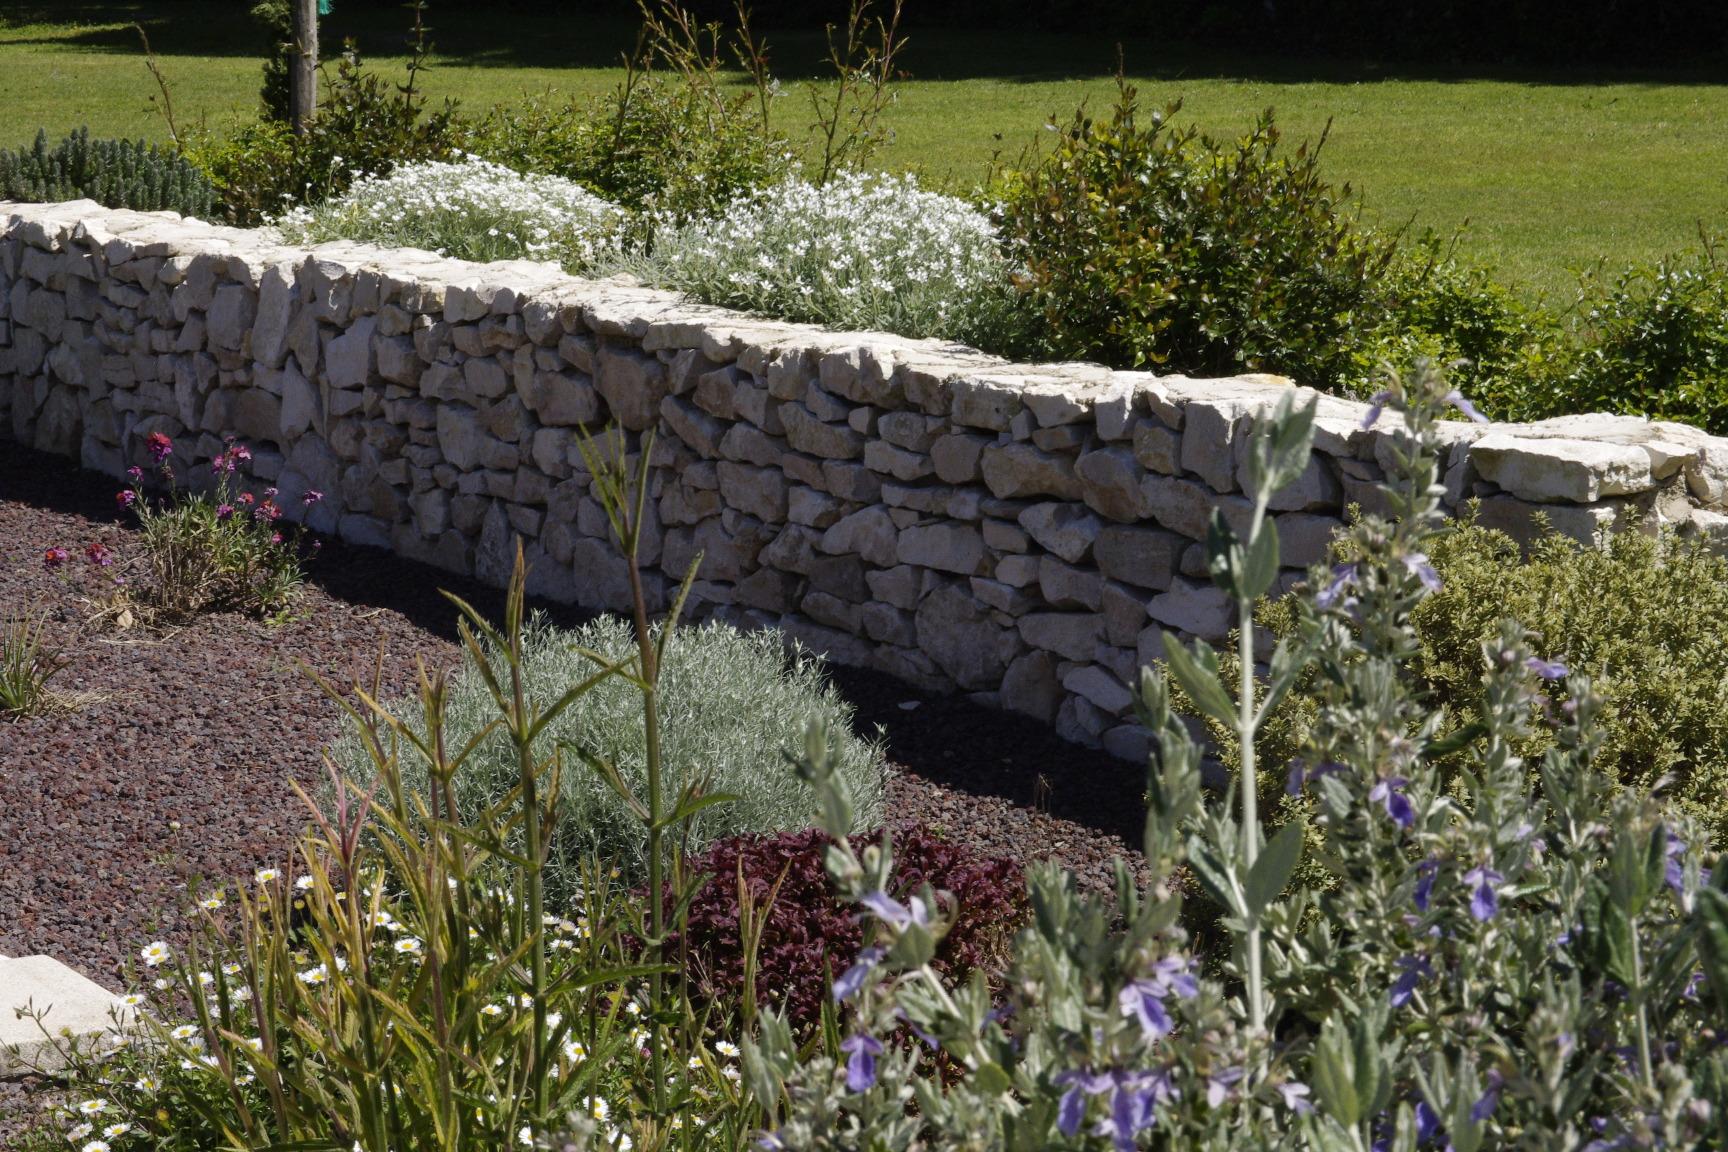 les plantes provençales et le muret de pierres sèches